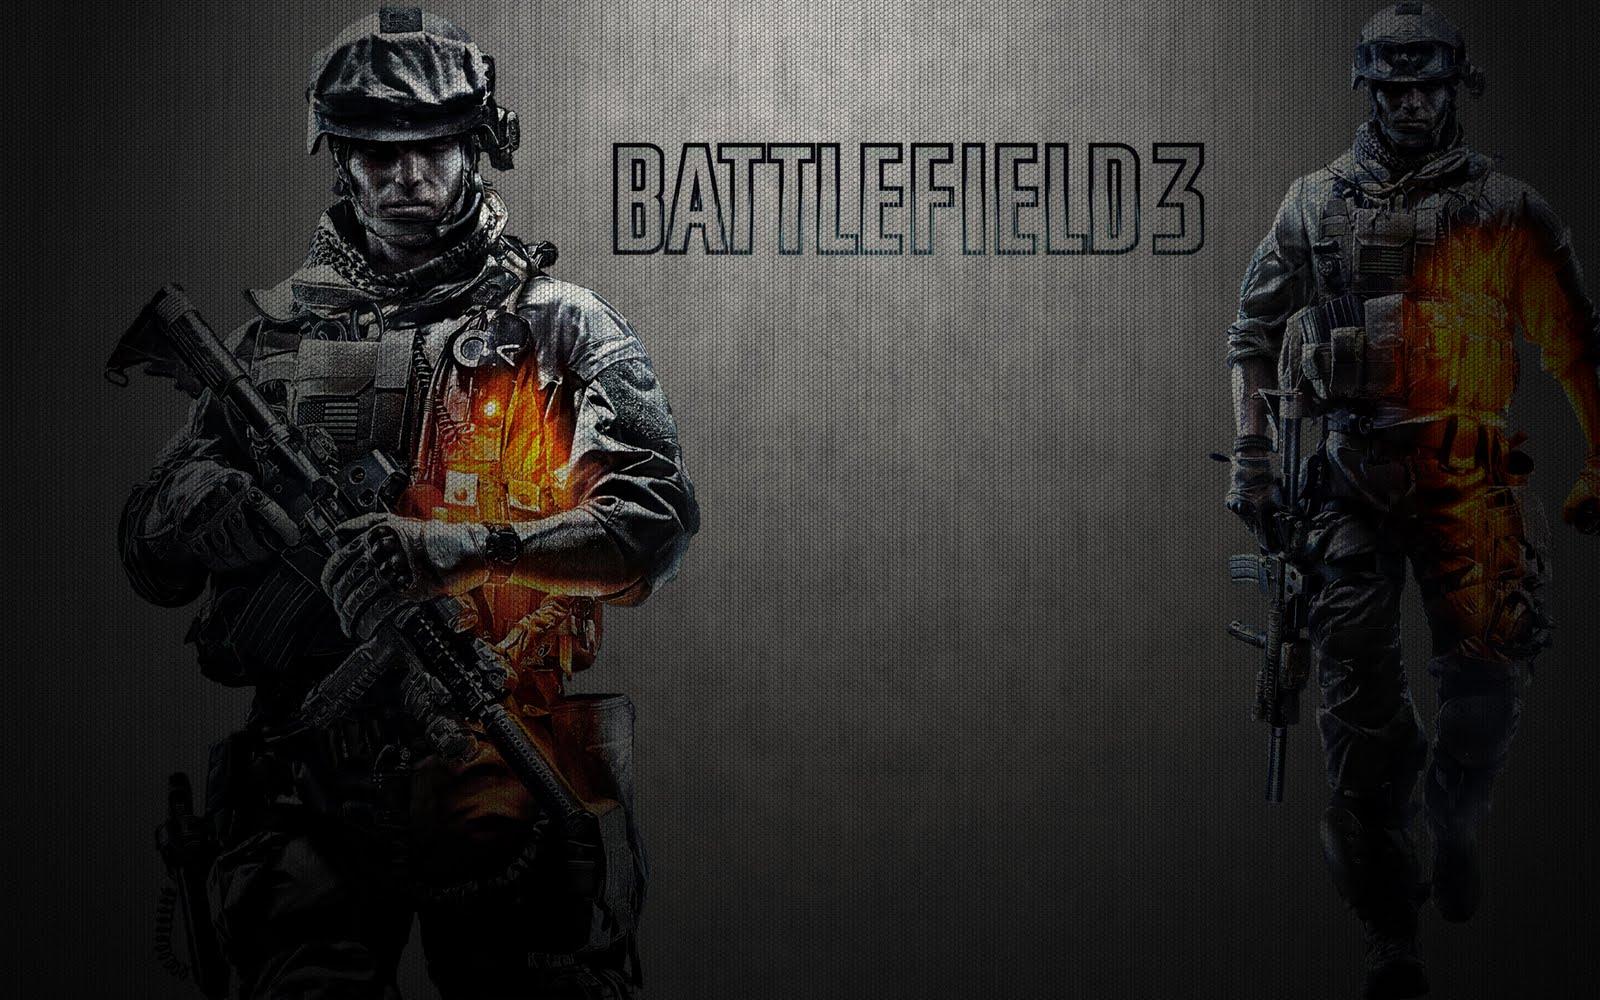 http://4.bp.blogspot.com/-Ohq5_lmvTIM/TeeUReRuazI/AAAAAAAAAE4/MZPtOF7G-zU/s1600/Battlefield+3+Wallpapers-13.jpg